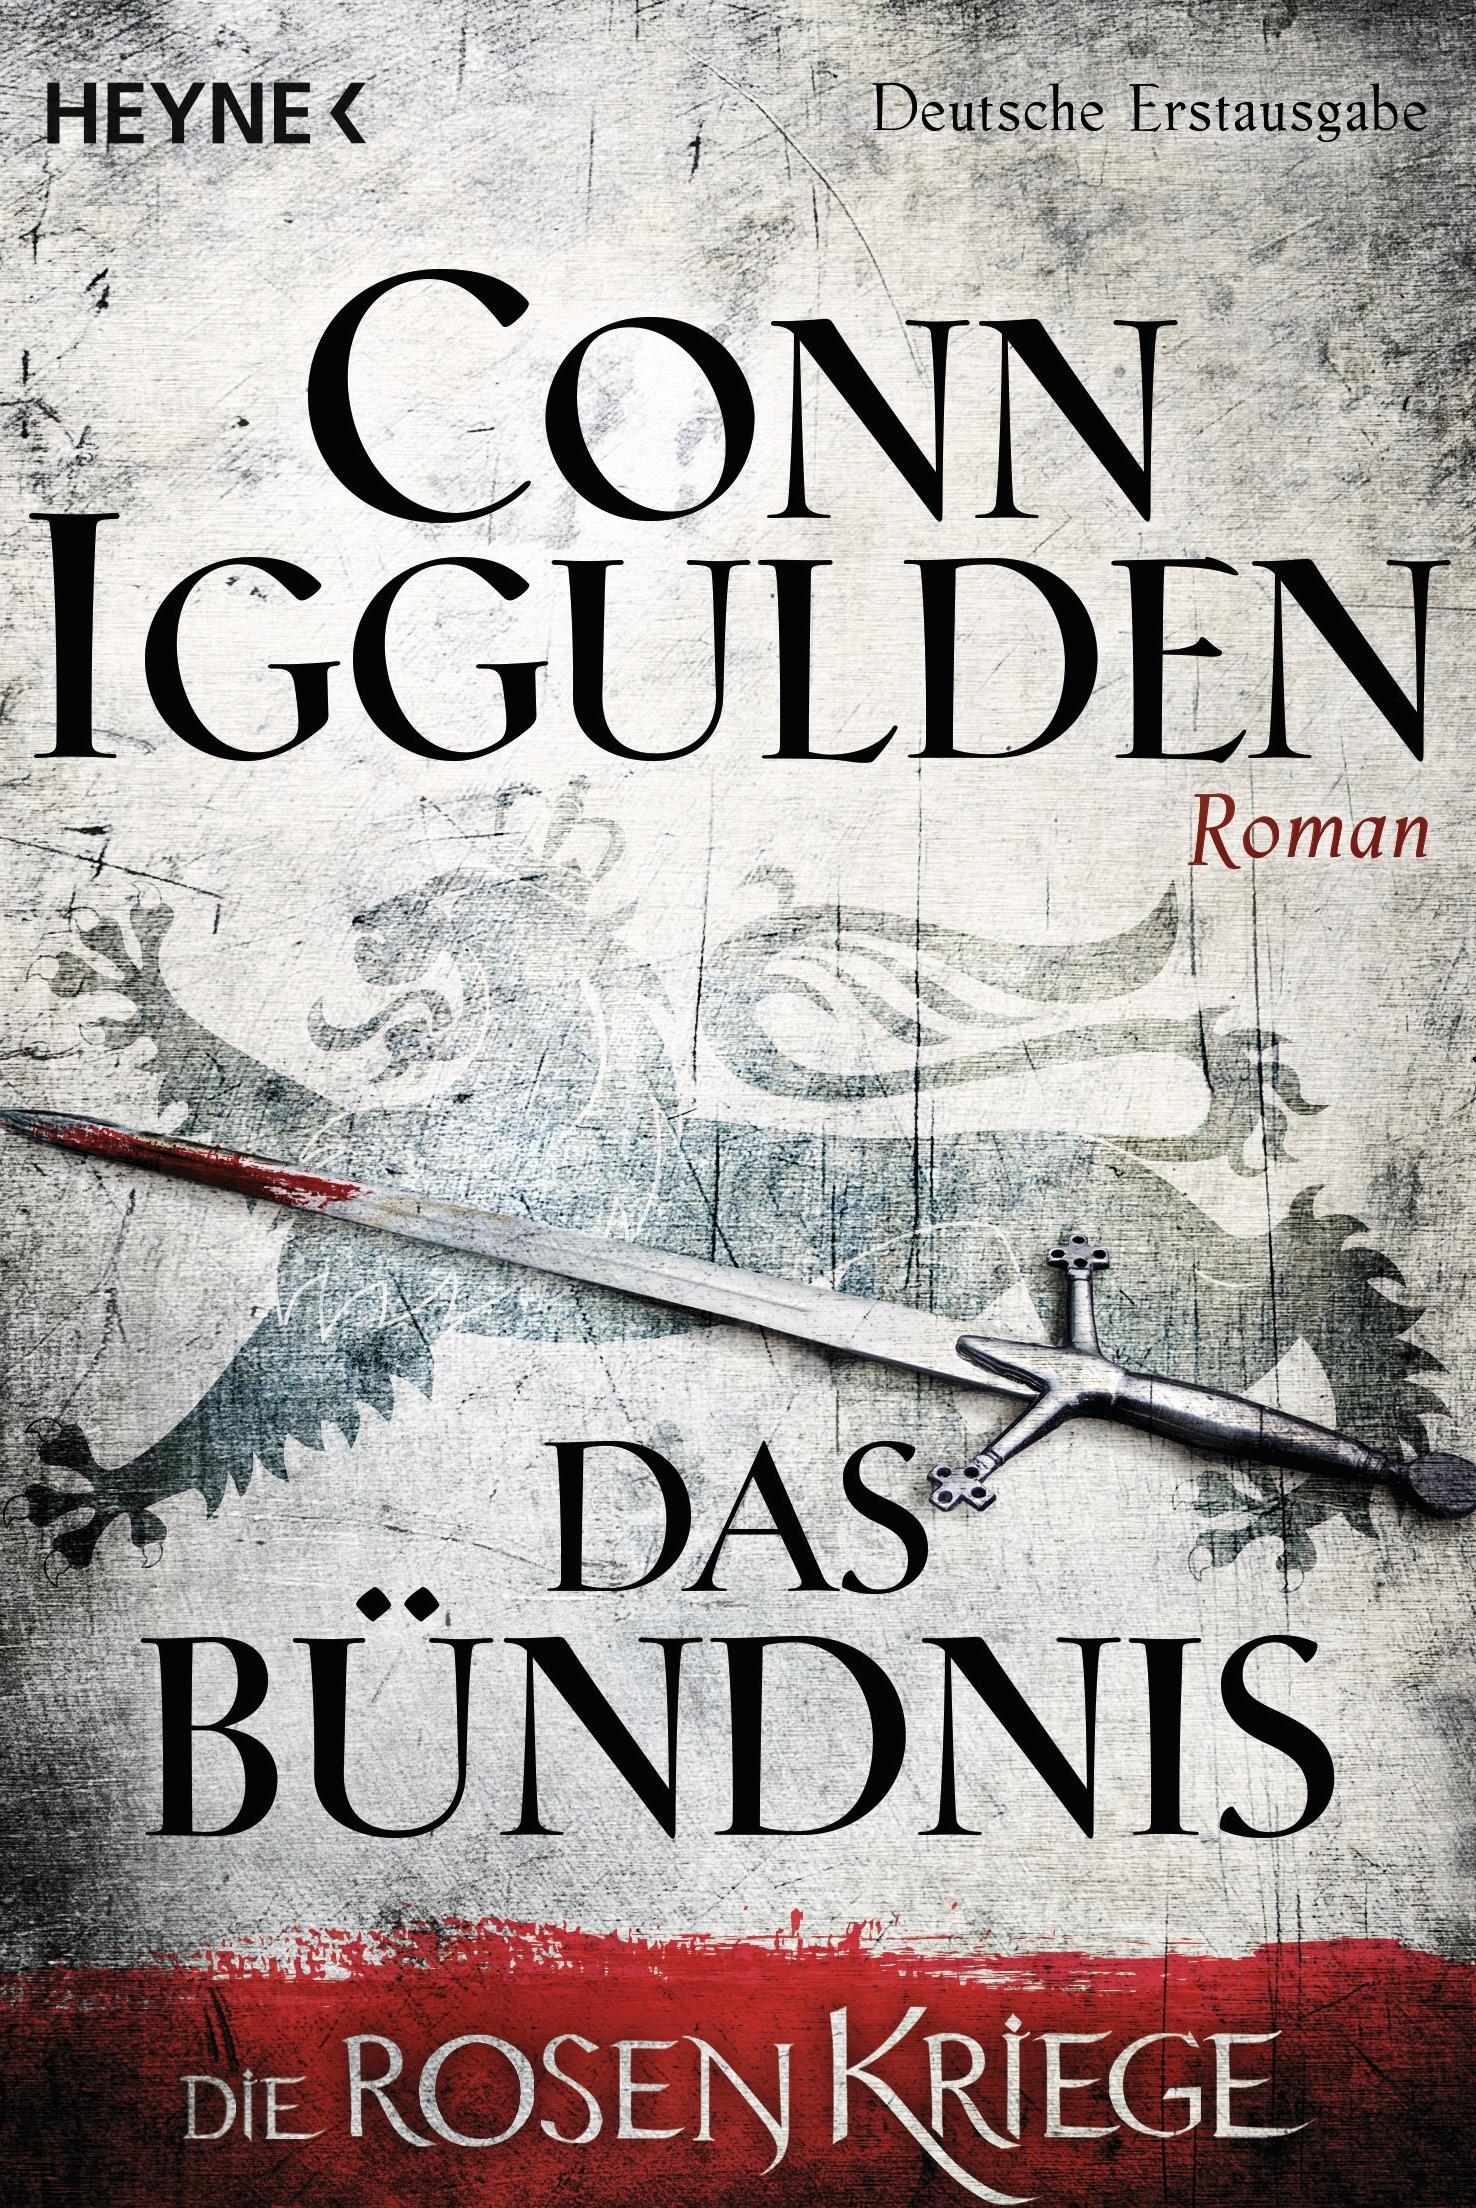 Die Rosenkriege: Band 2 - Das Bündnis - Conn Iggulden